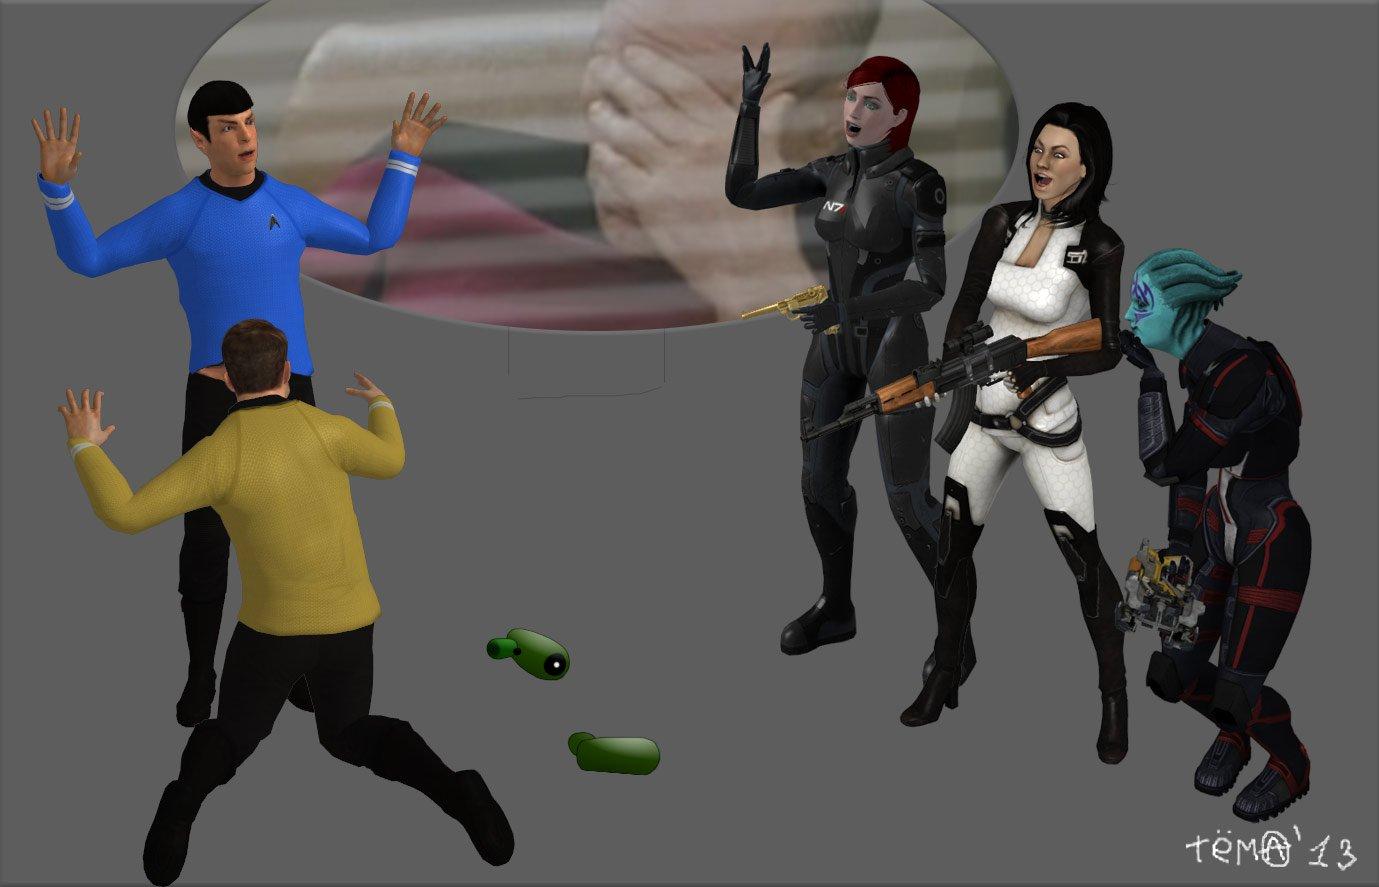 star trek : gay effect - Изображение 1